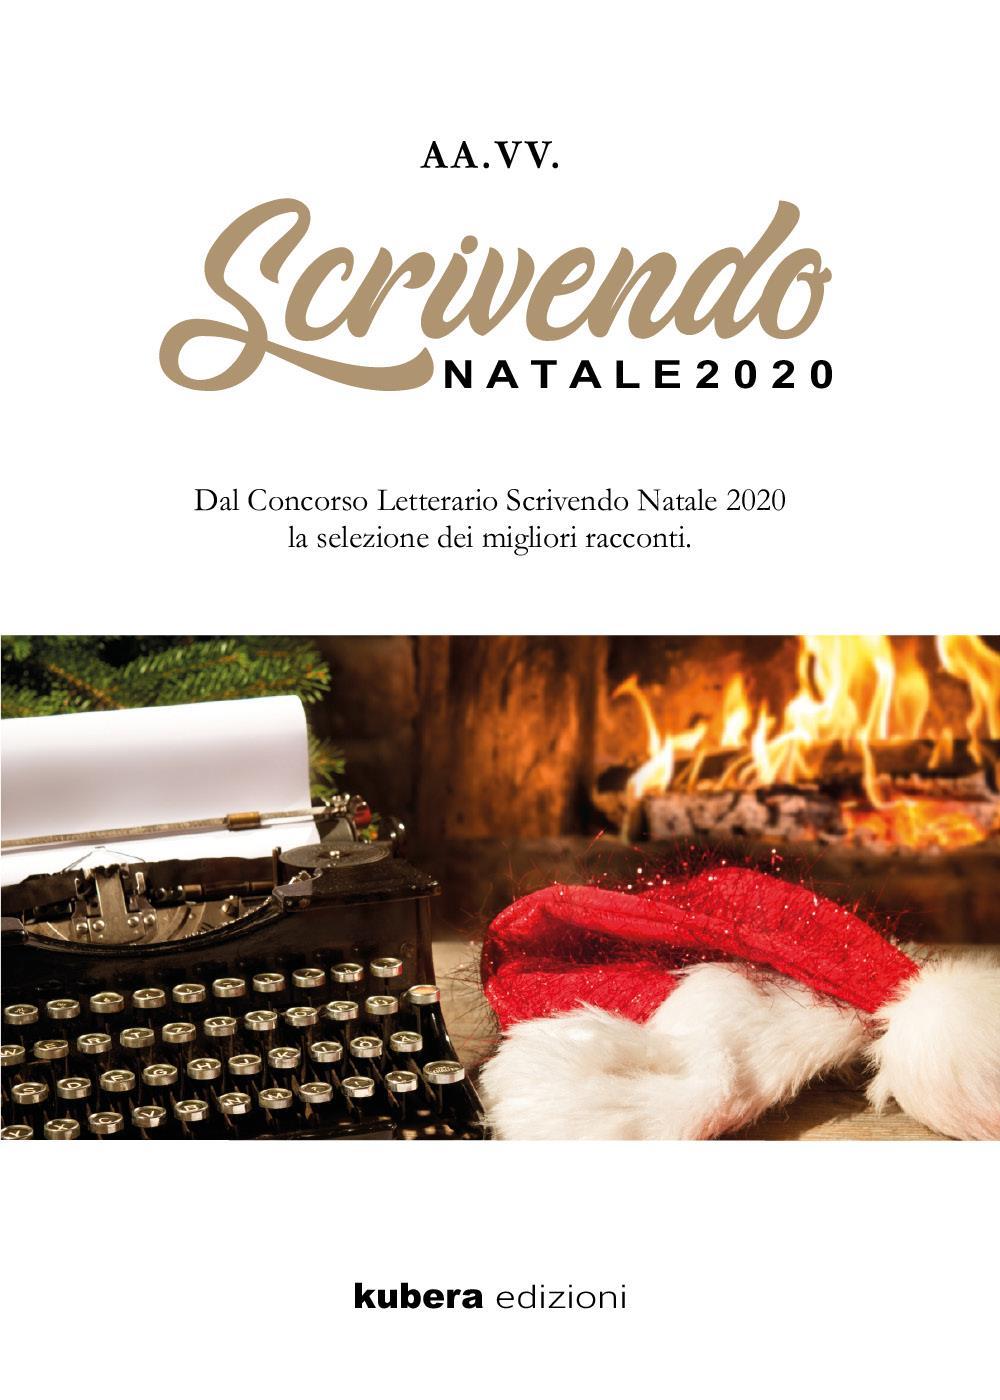 Scrivendo Natale 2020